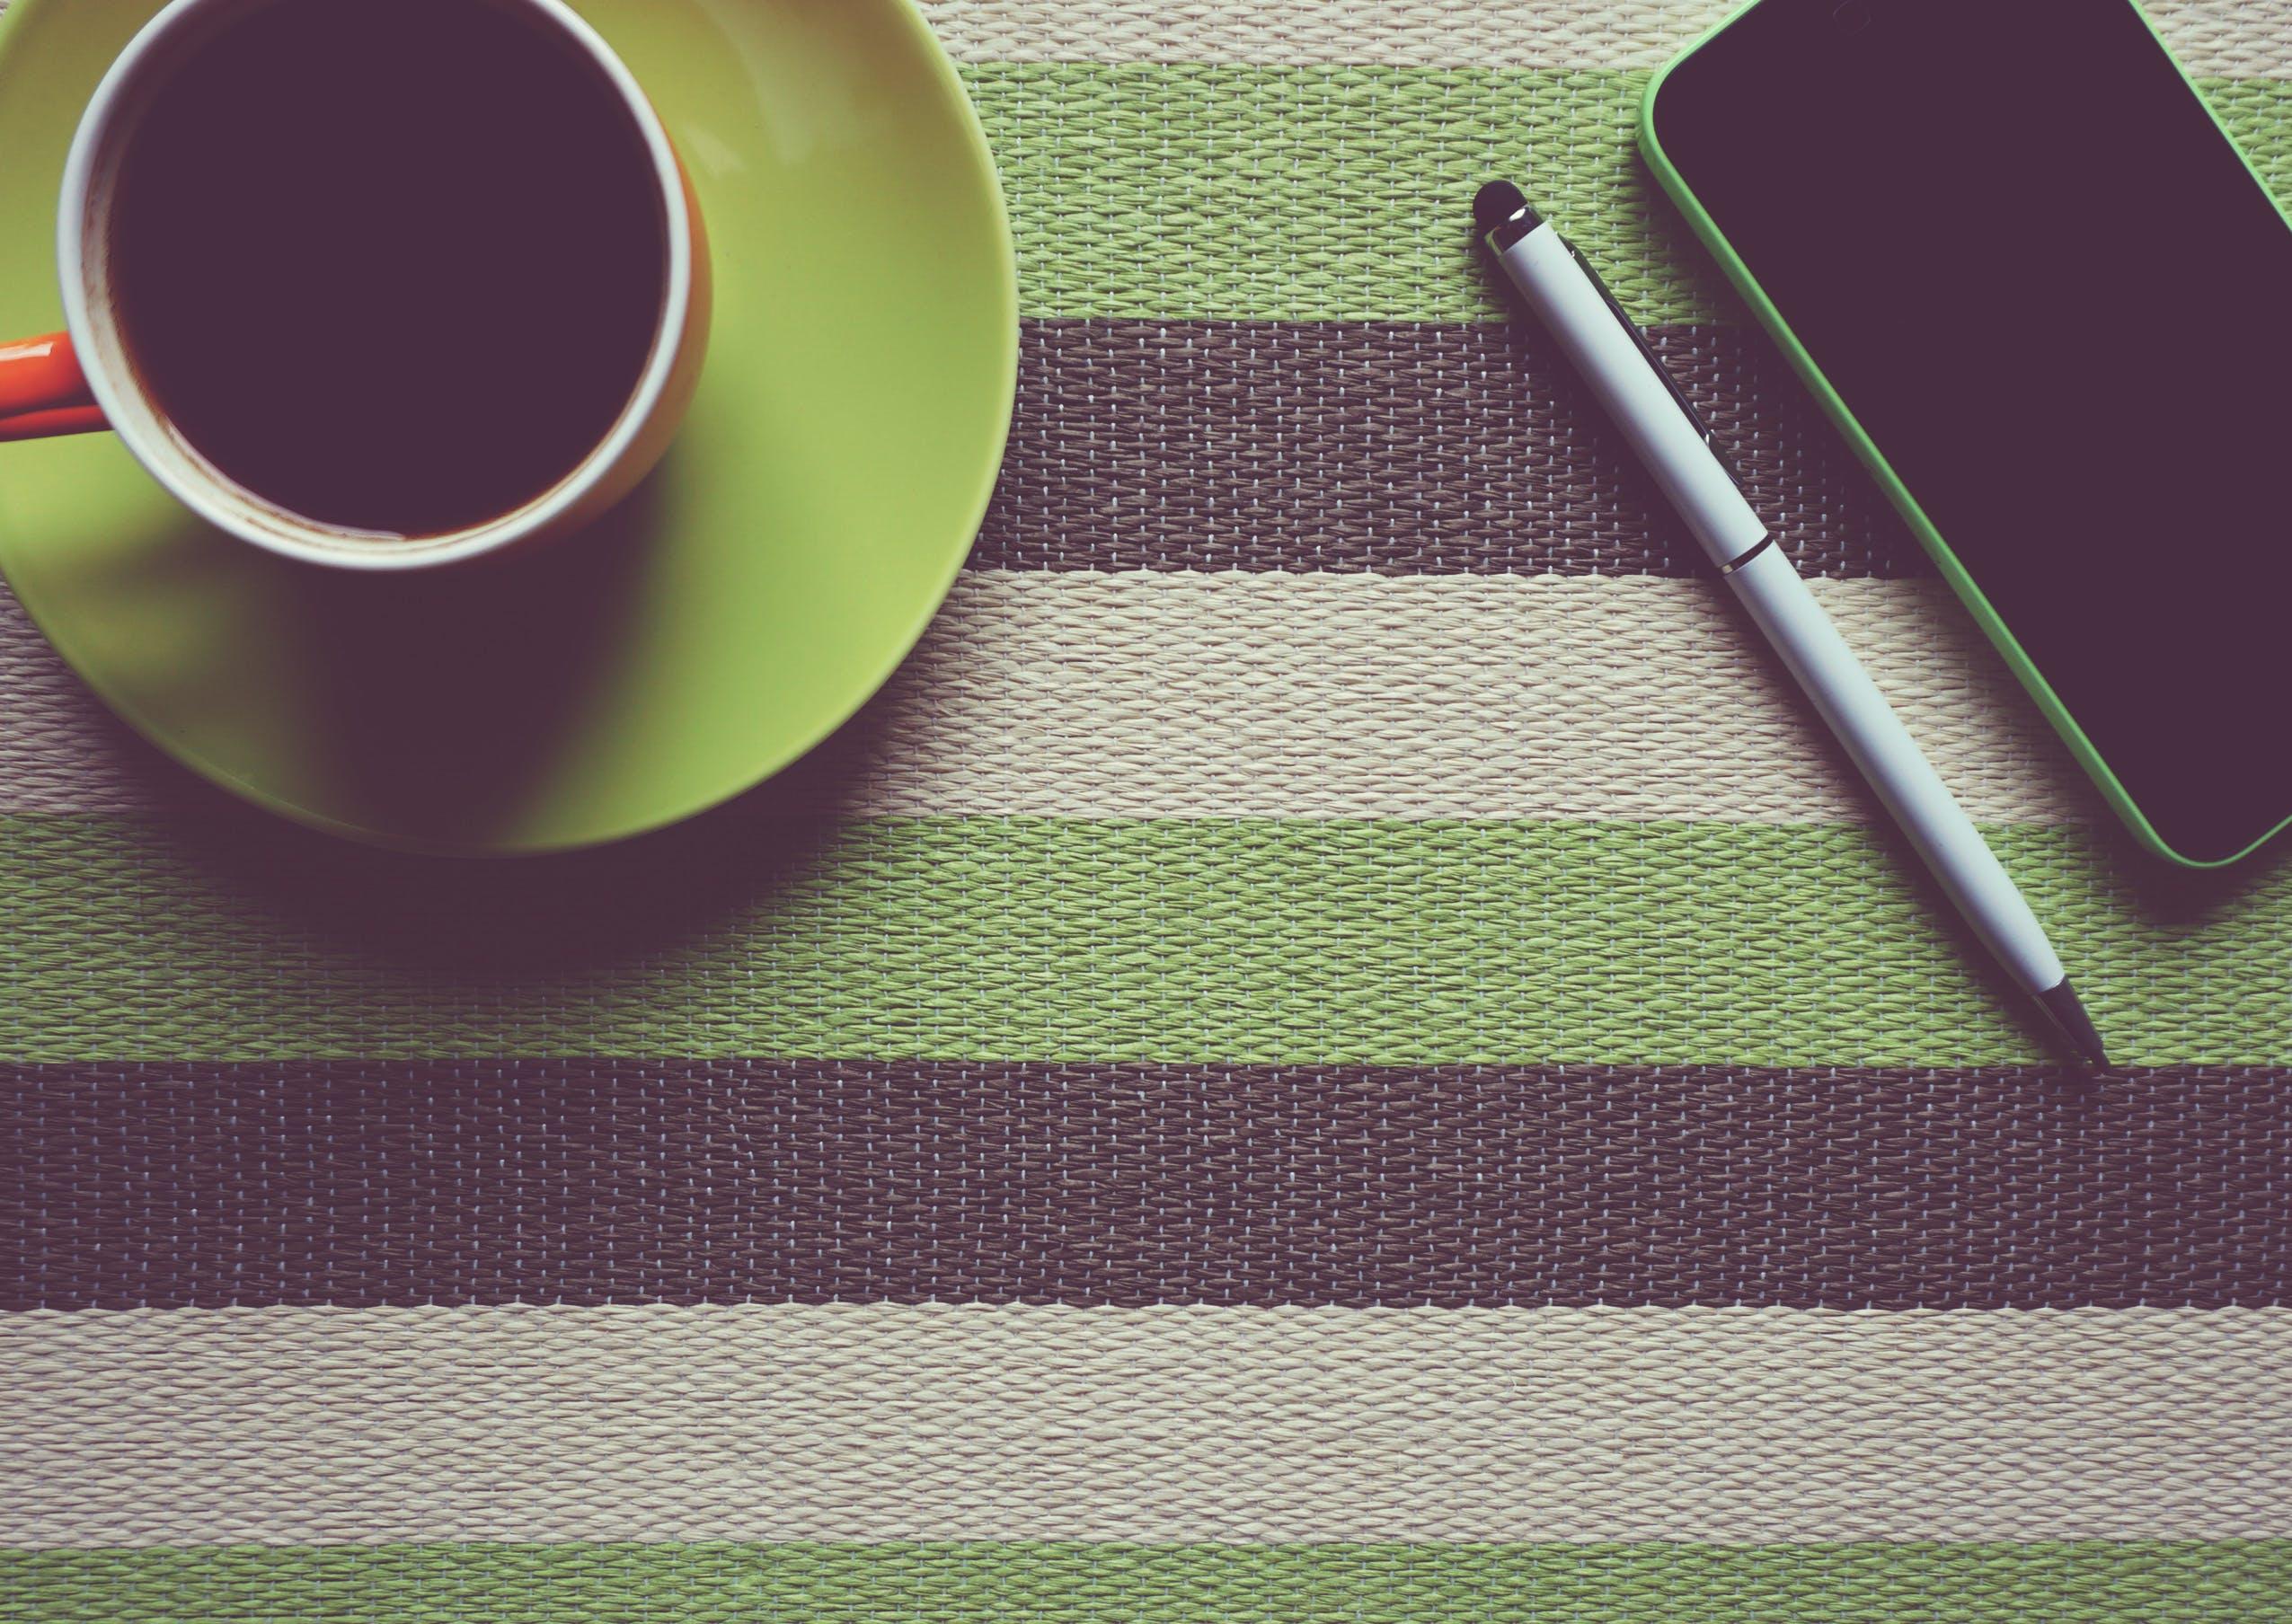 Kostenloses Stock Foto zu koffein, kaffee, tasse, smartphone